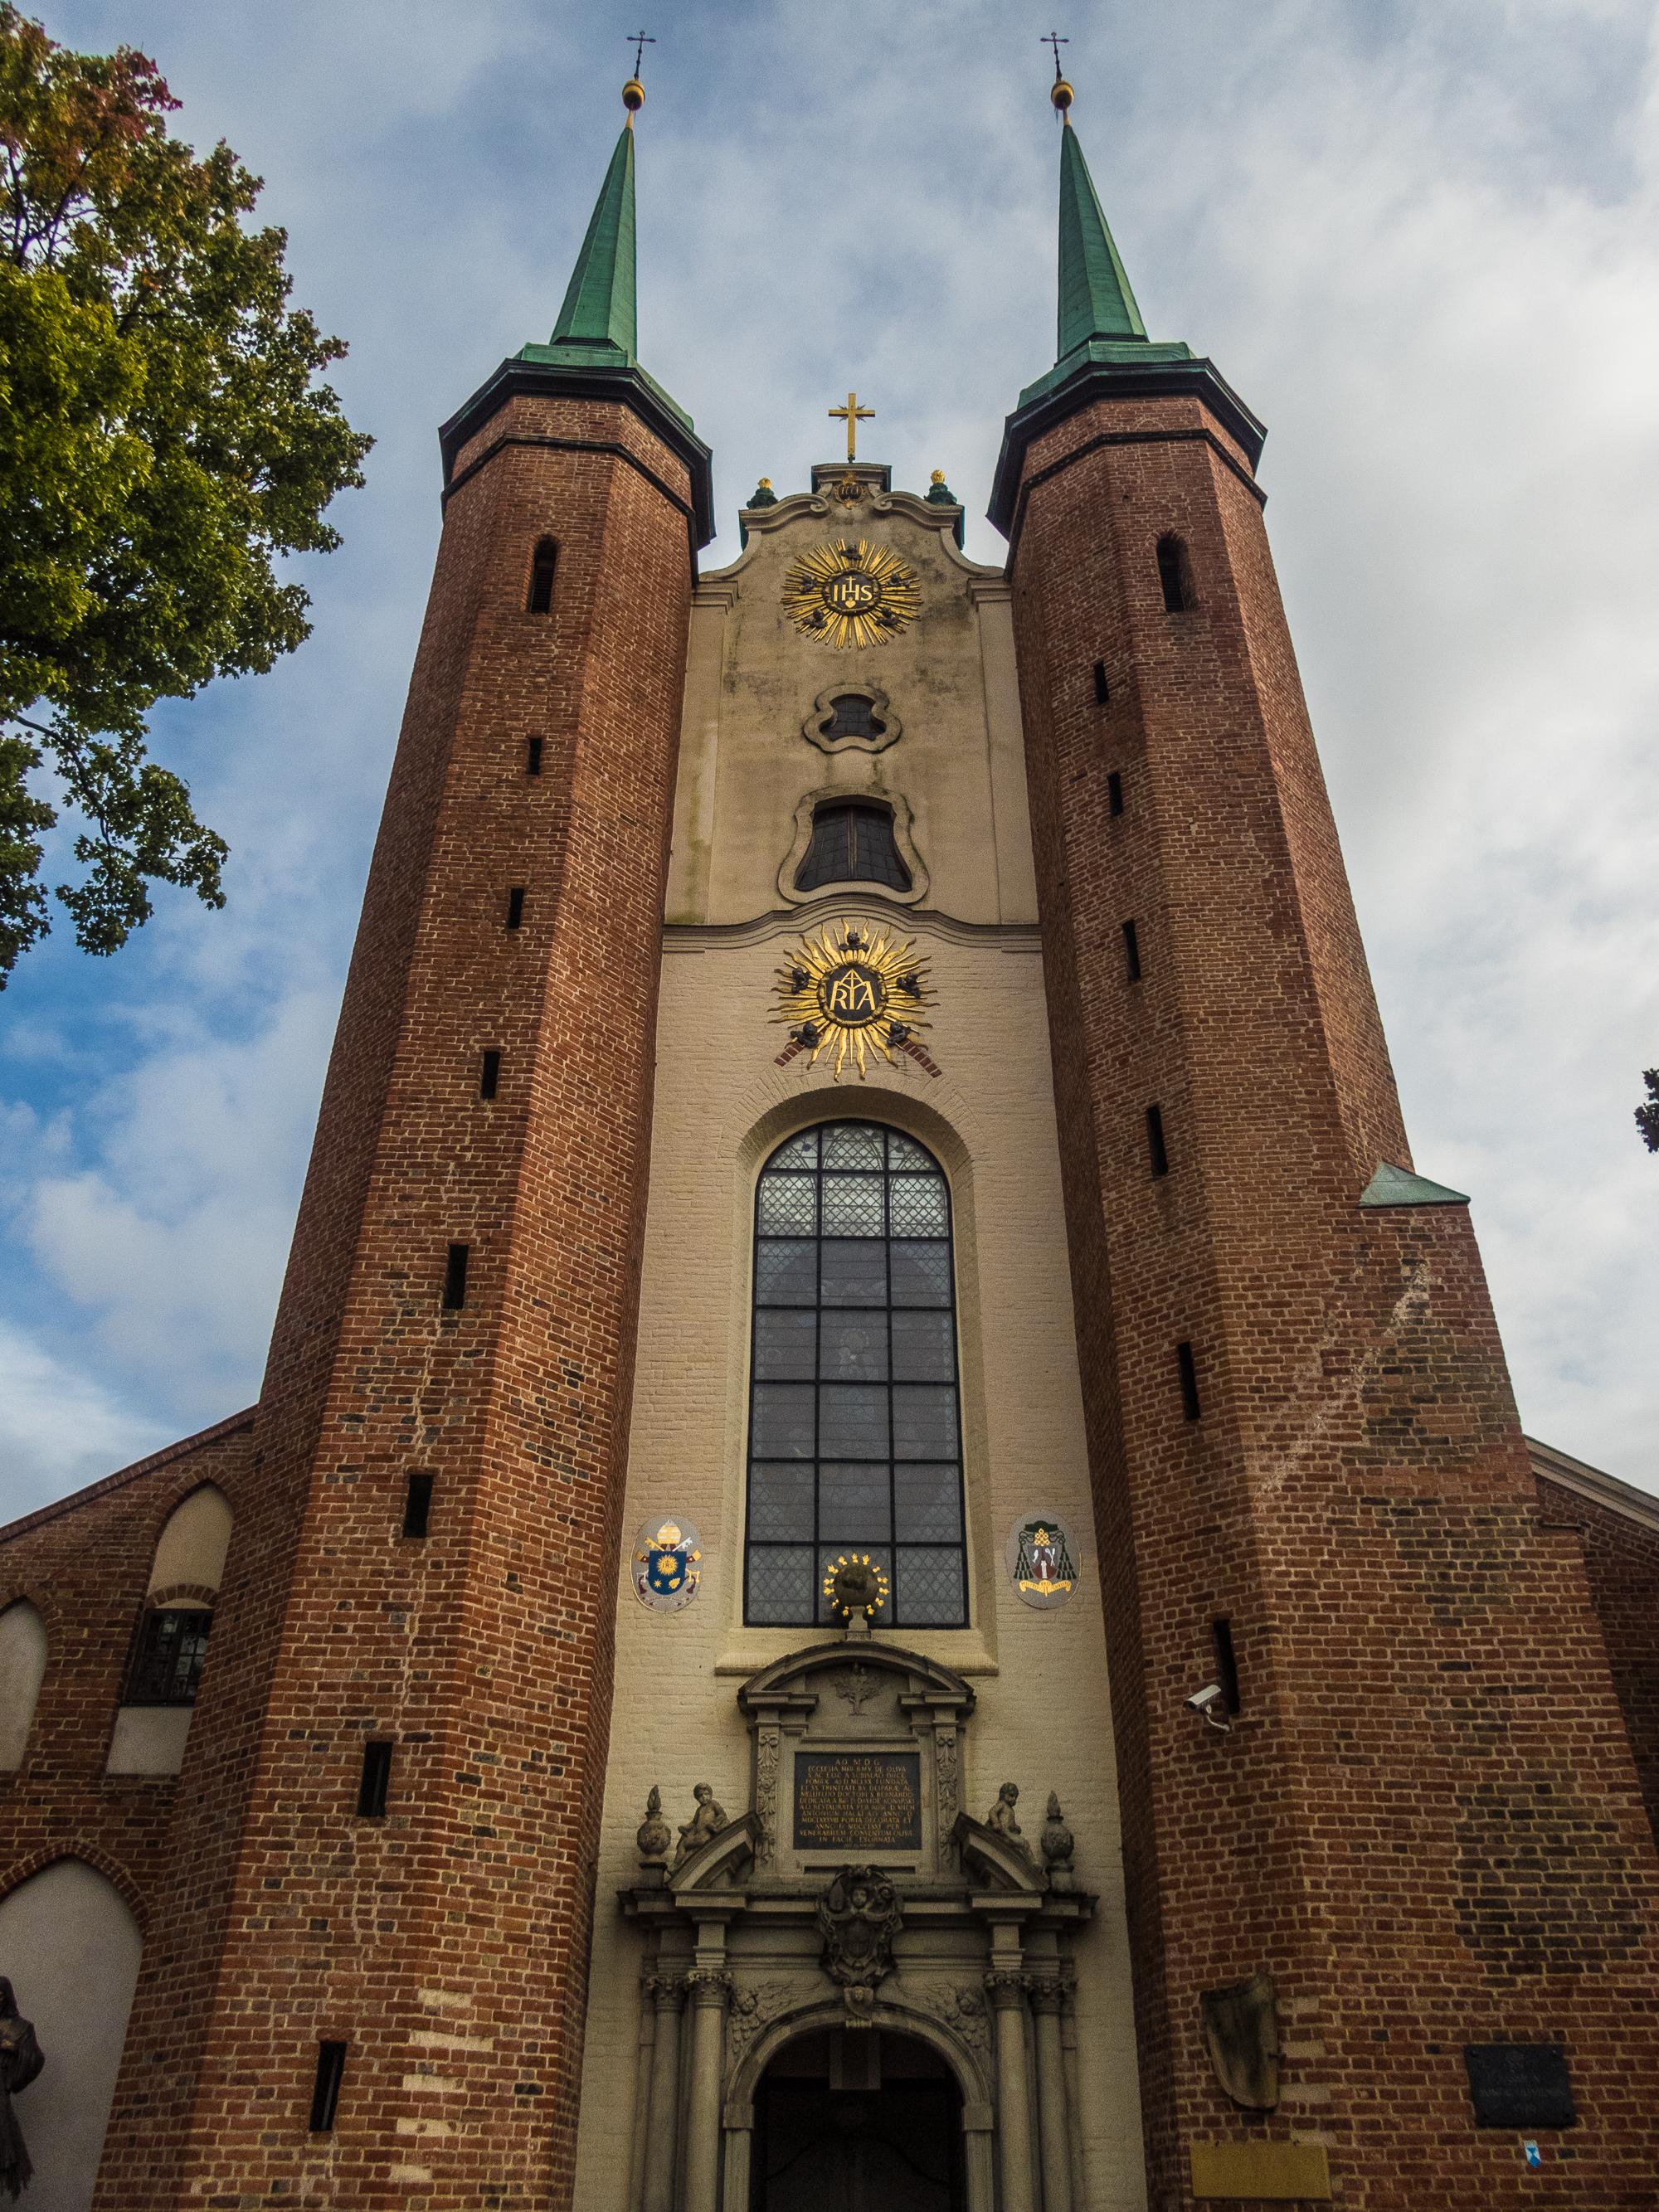 Gdansk-PA050360-©Bjørn Joachimsen.jpg